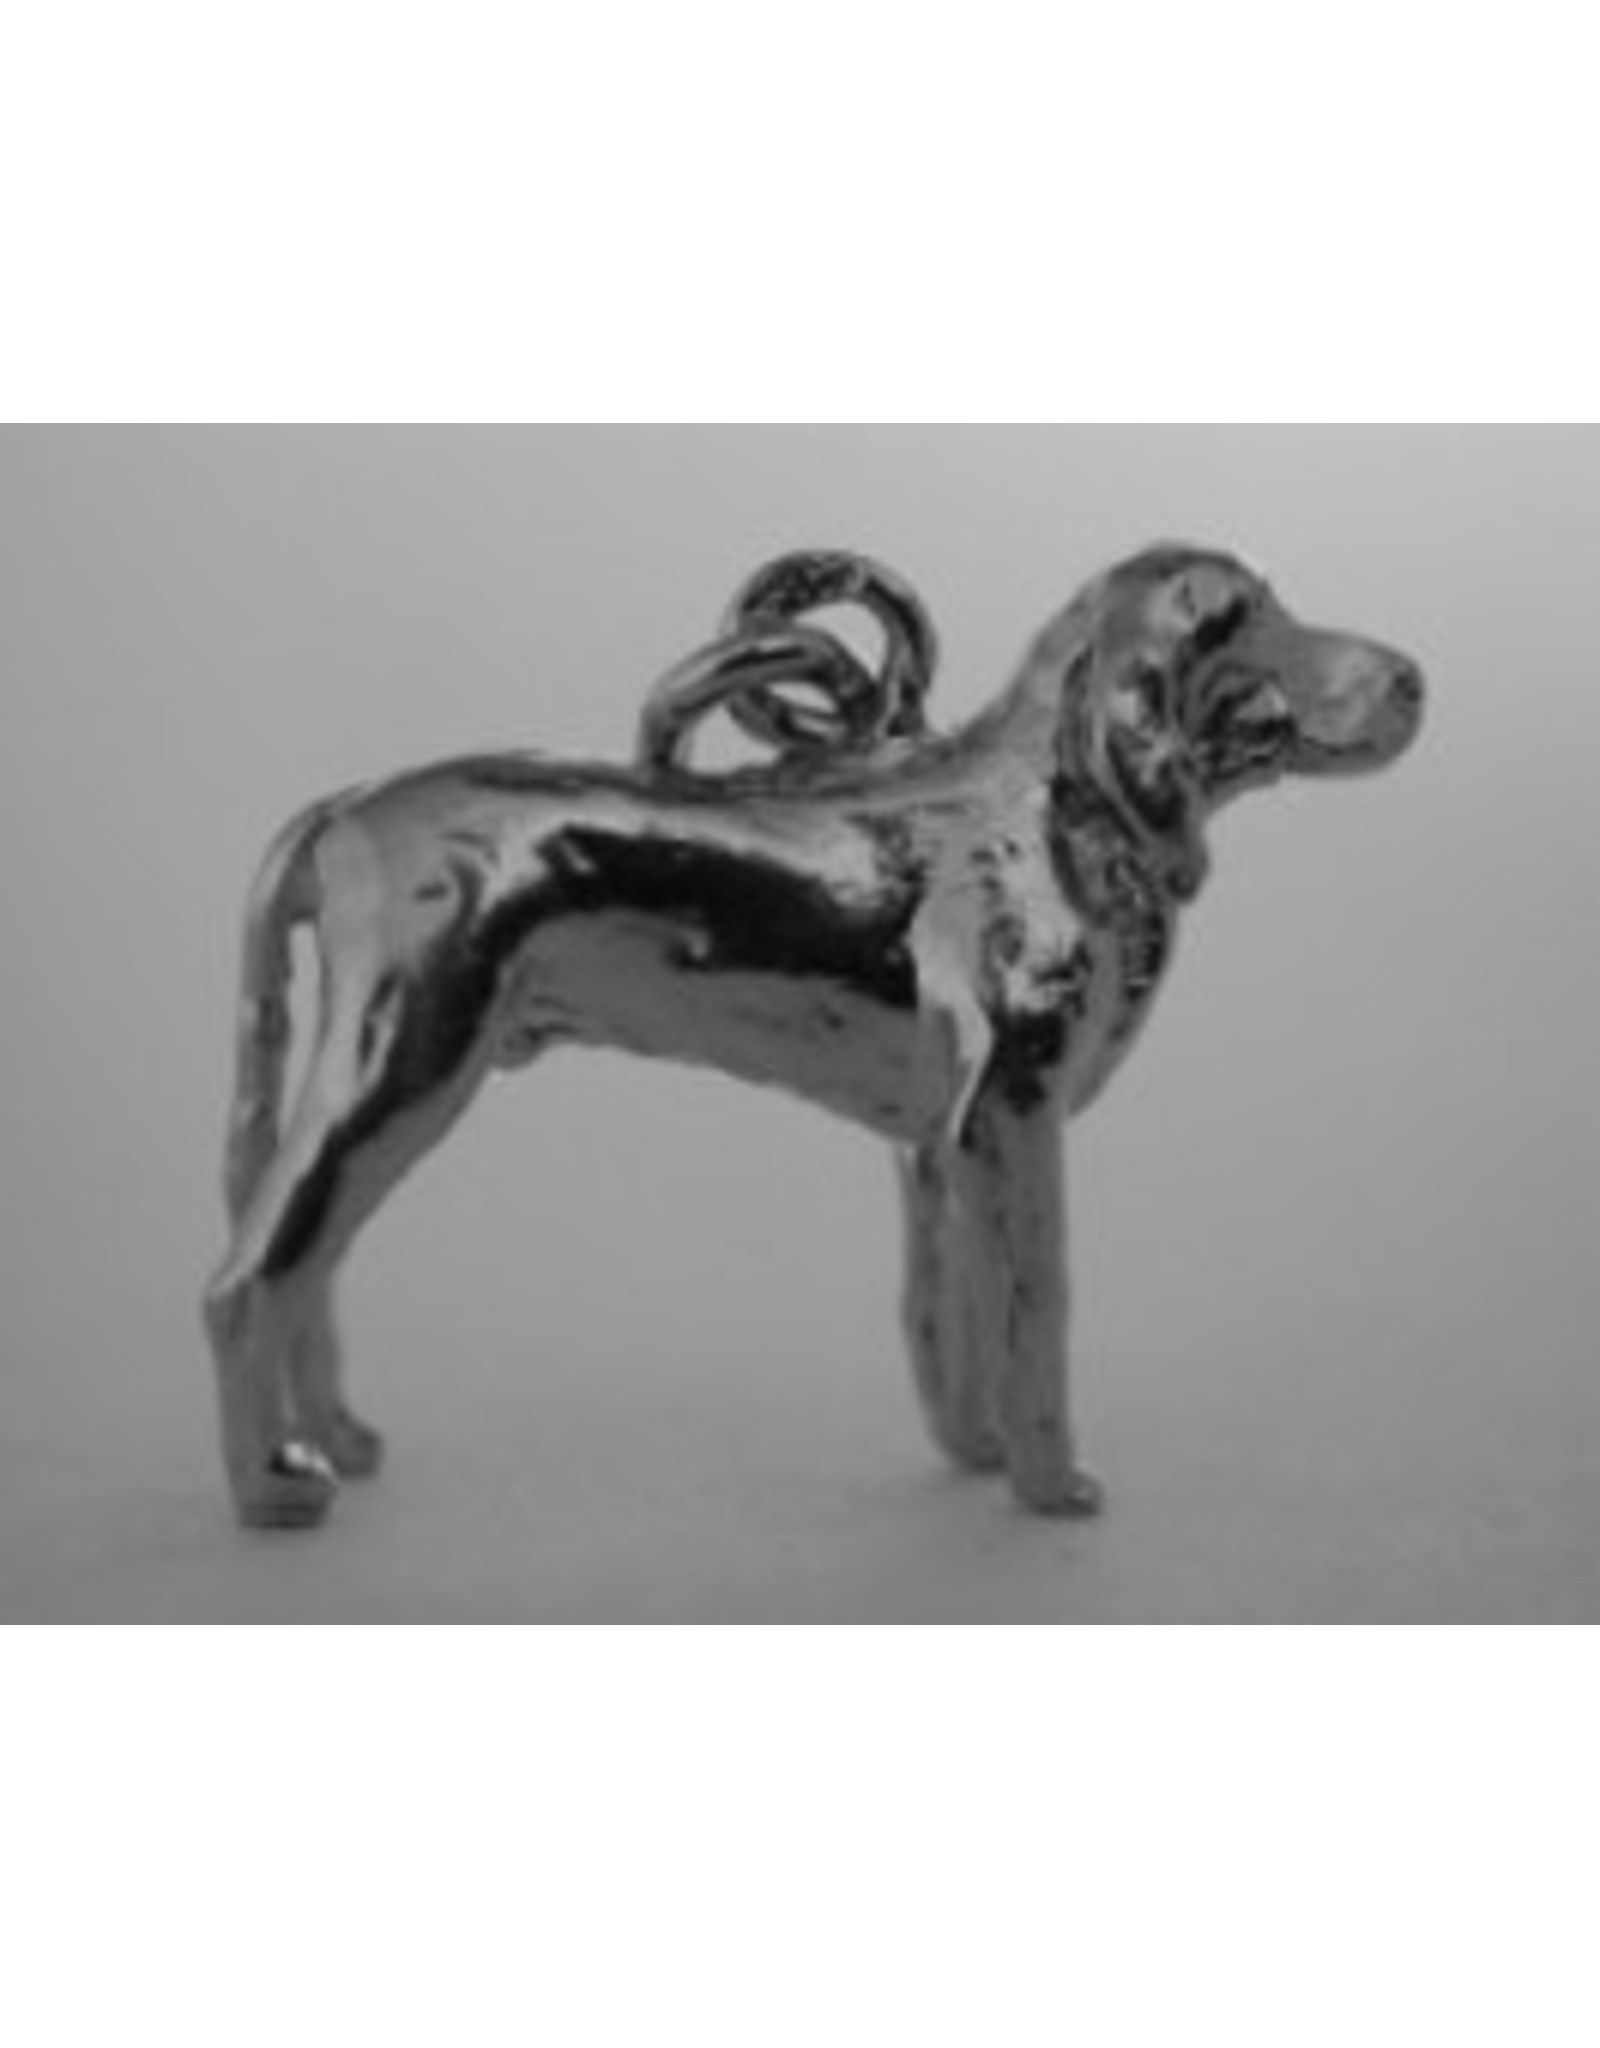 Handmade by Hanneke Weigel Sterling silver Grand bleu de Gascogne